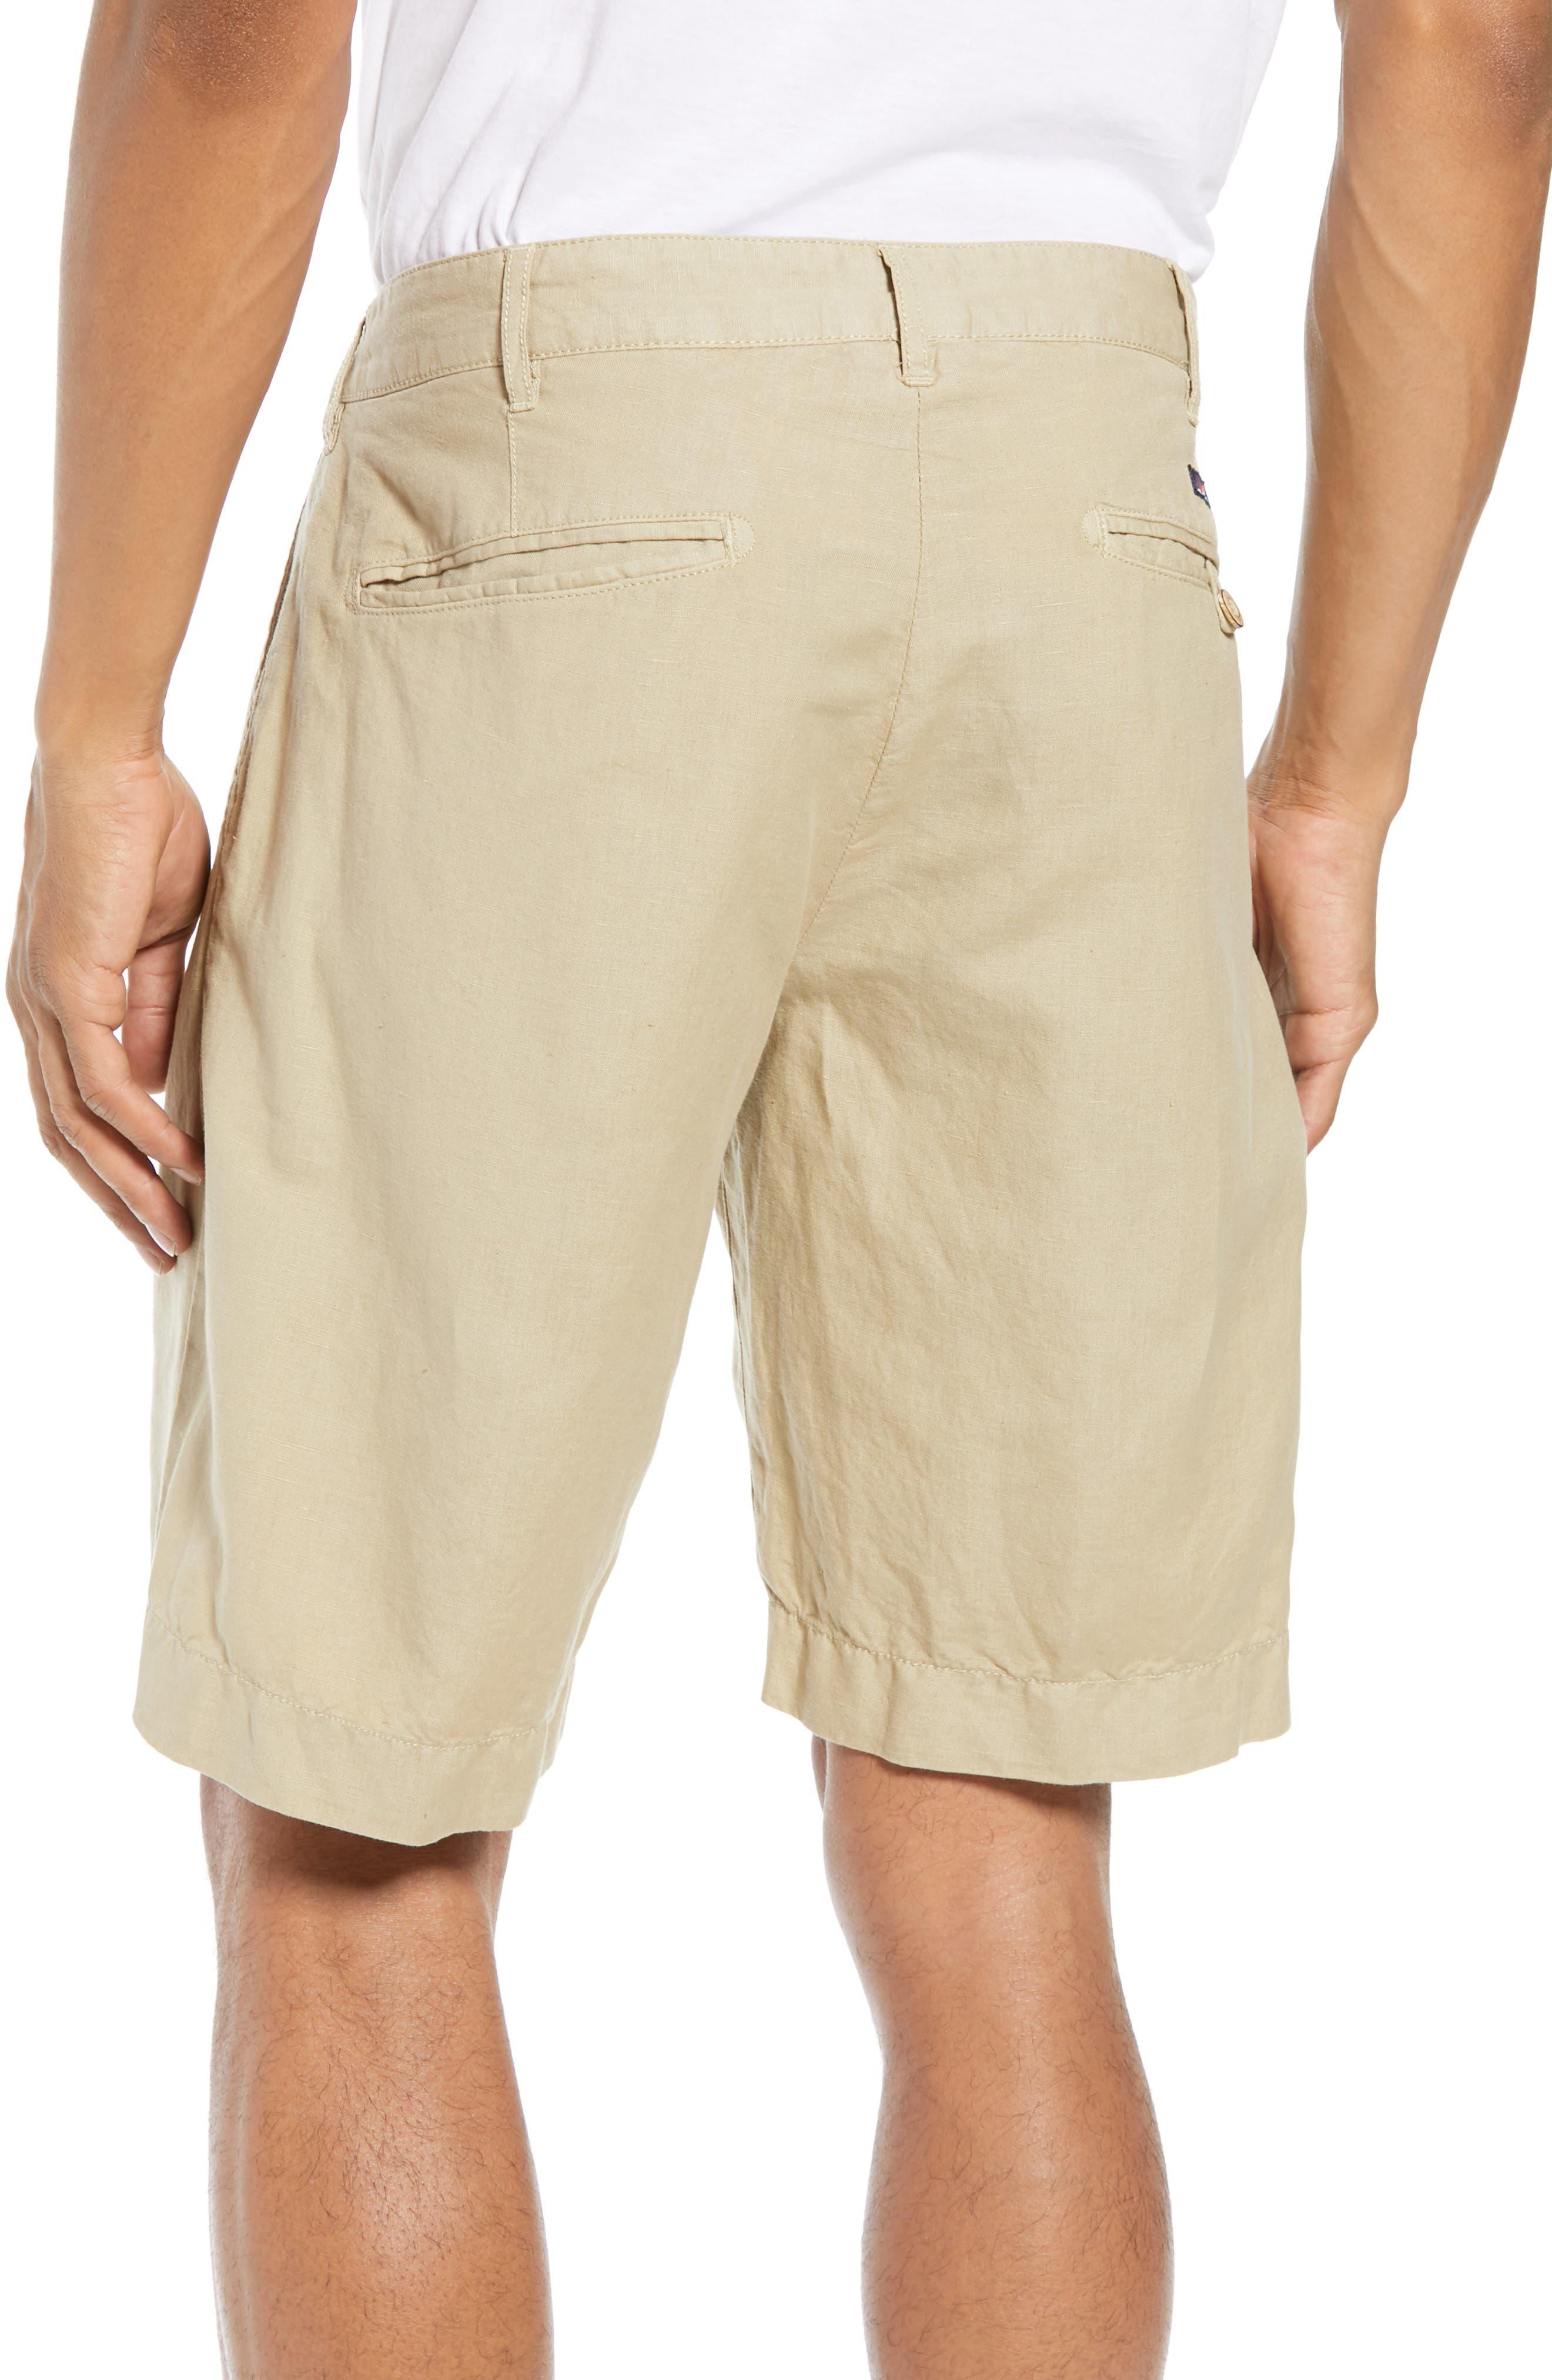 Malibu Shorts,                             Alternate thumbnail 2, color,                             KHAKI